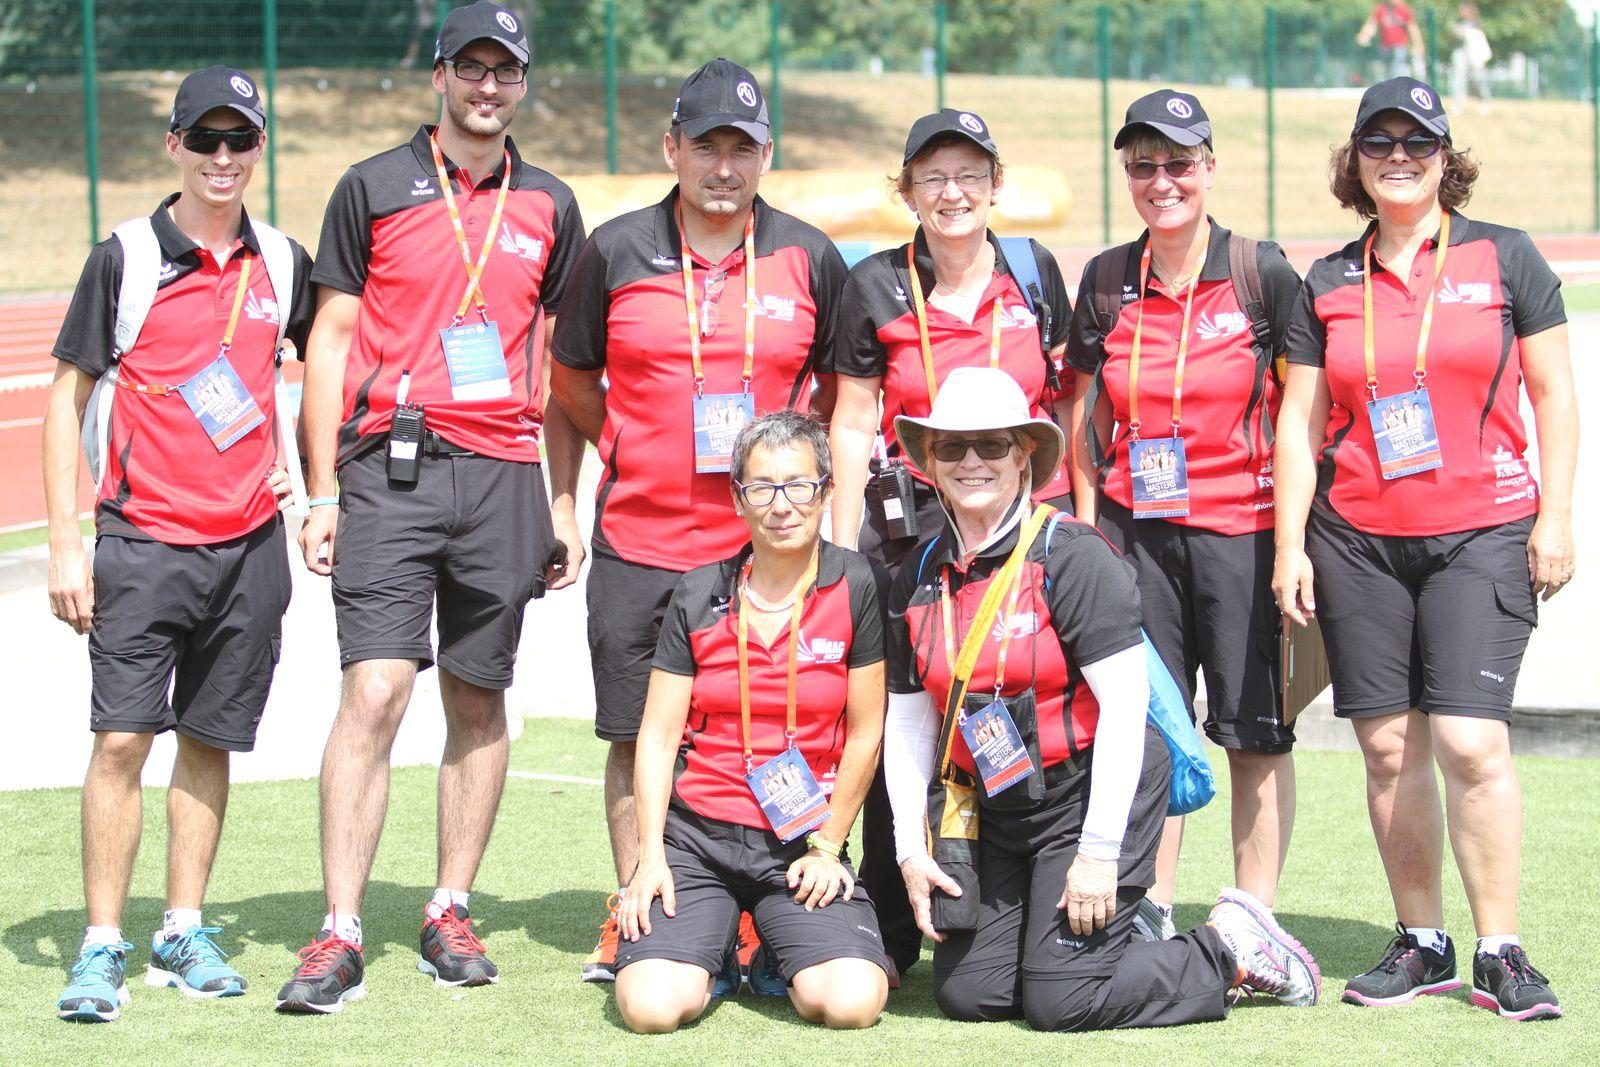 C'est parti pour les XXI Championnats du monde vétérans à Vénissieux